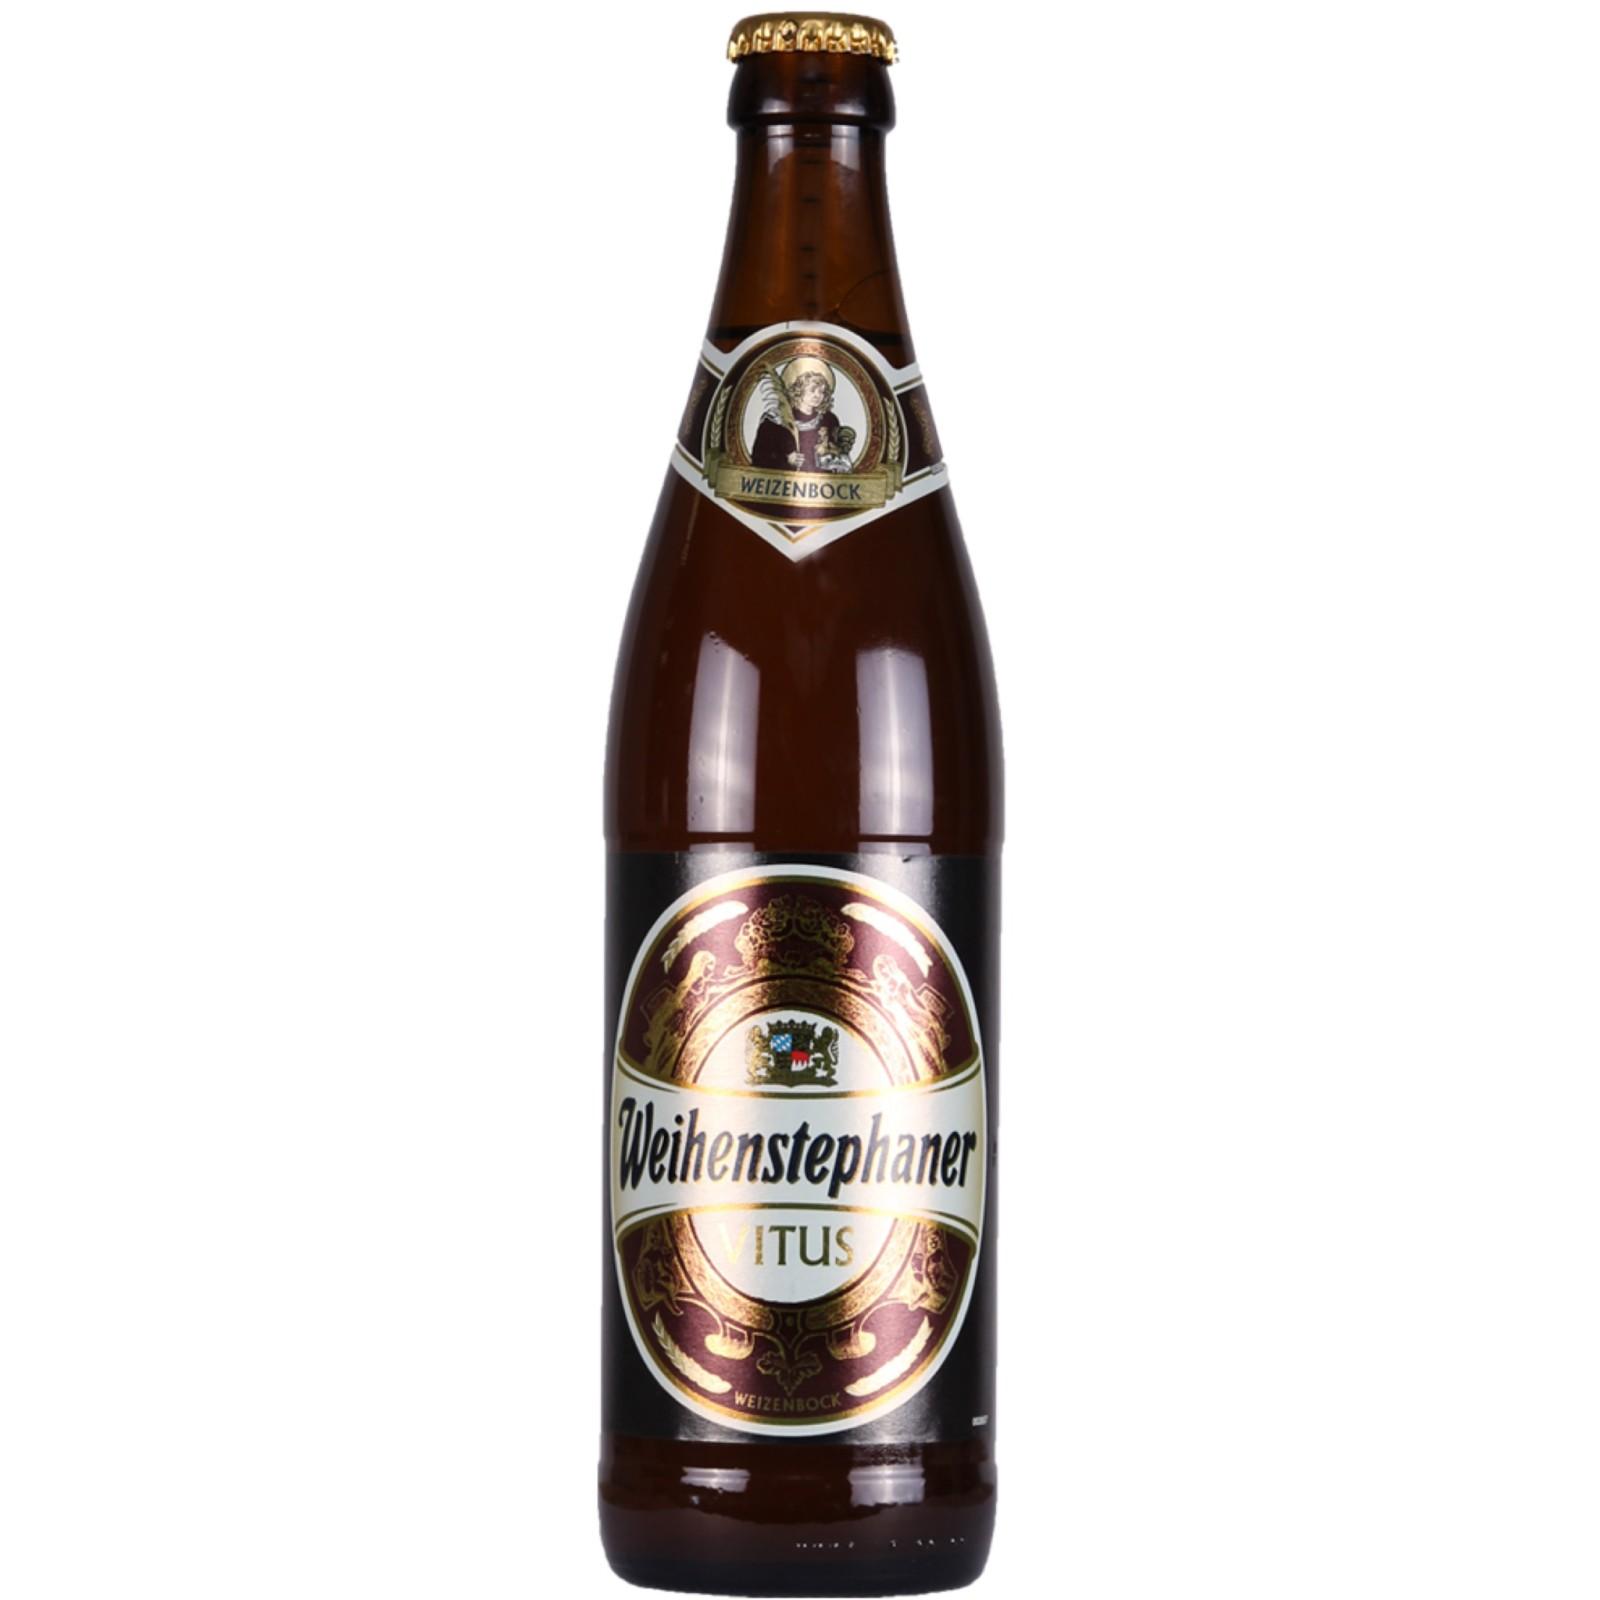 Weihenstephaner Vitus Bock 7.7% 500ml